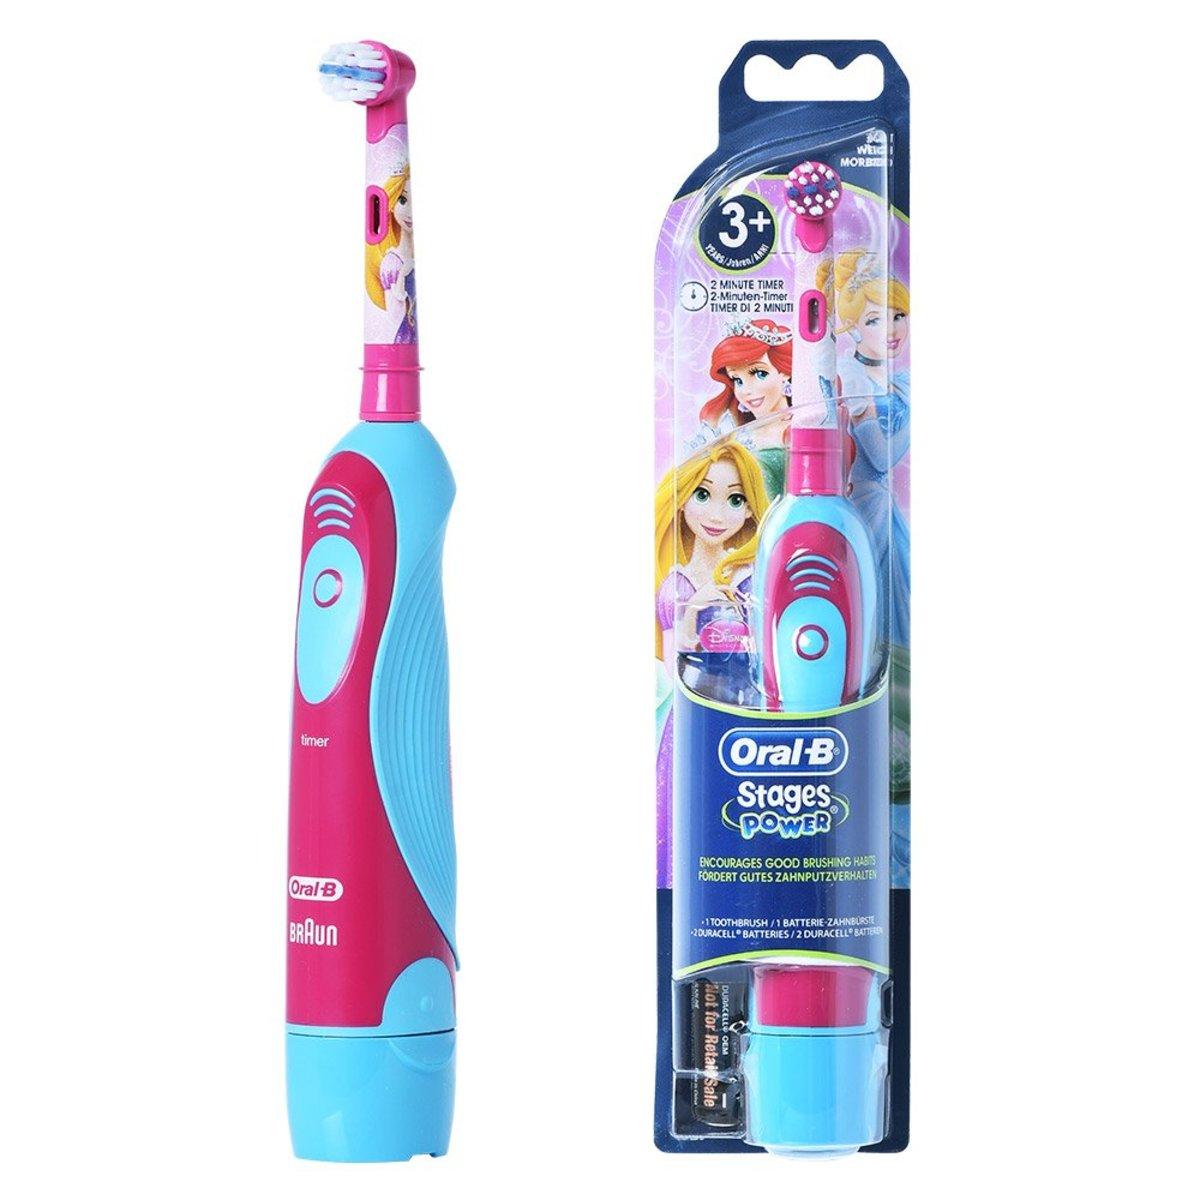 兒童電動牙刷 DB4510k(公主款)